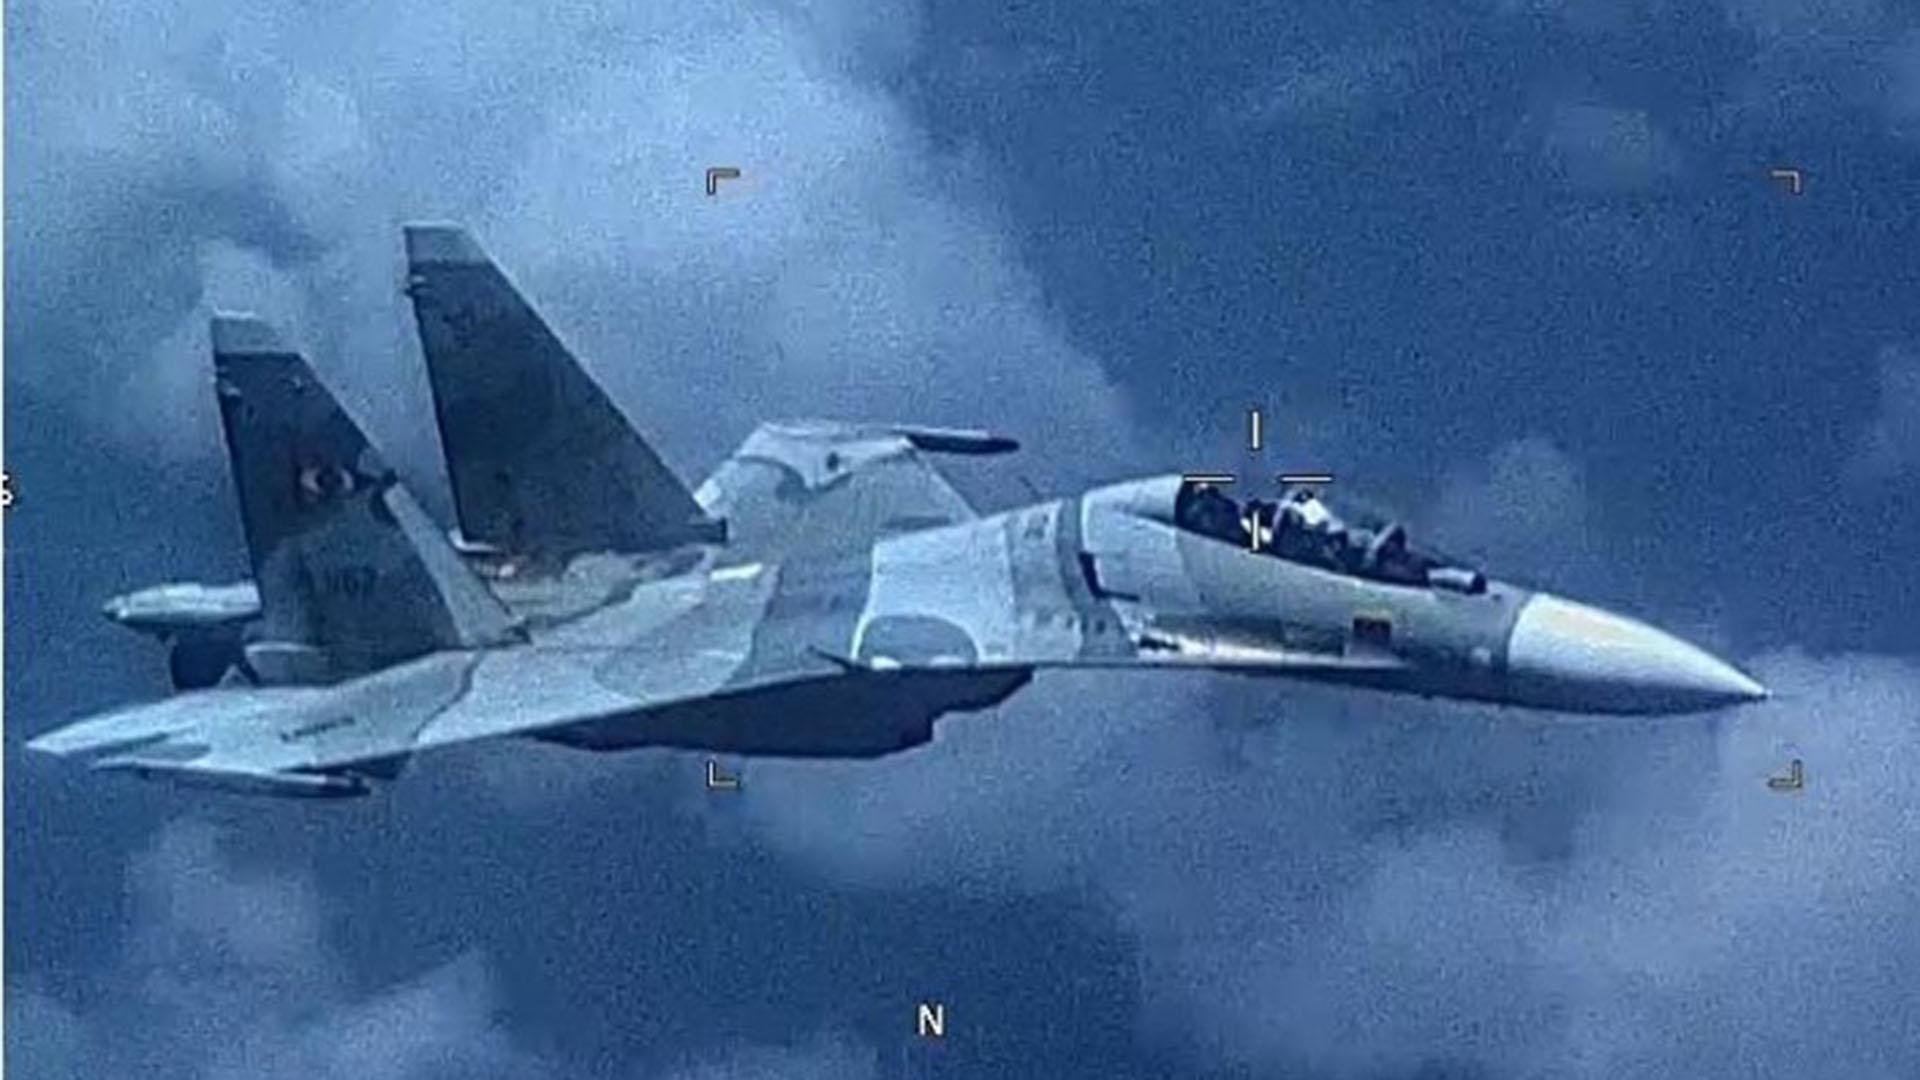 Colombia - Página 11 T_8fd6393836cf46cdb0523f09eaba4cec_name_Cazas_venezolanos_interceptaron_a_un_avion_de_reconocimiento_de_Estados_Unidos__2_